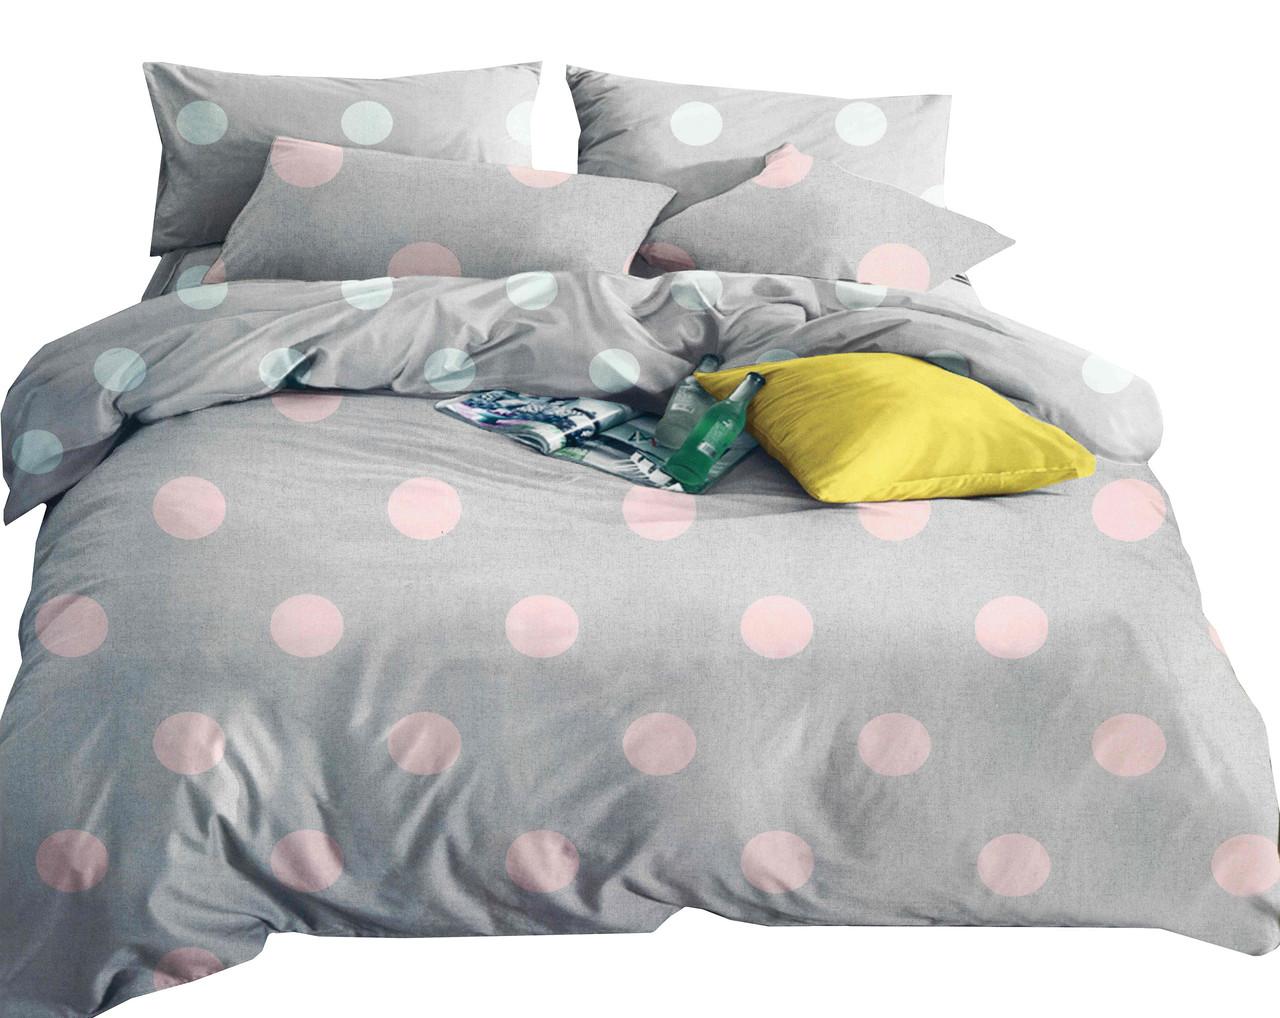 Комплект постельного белья Микроволокно HXDD-509 В горошек M&M 6586 Розовый, Серый